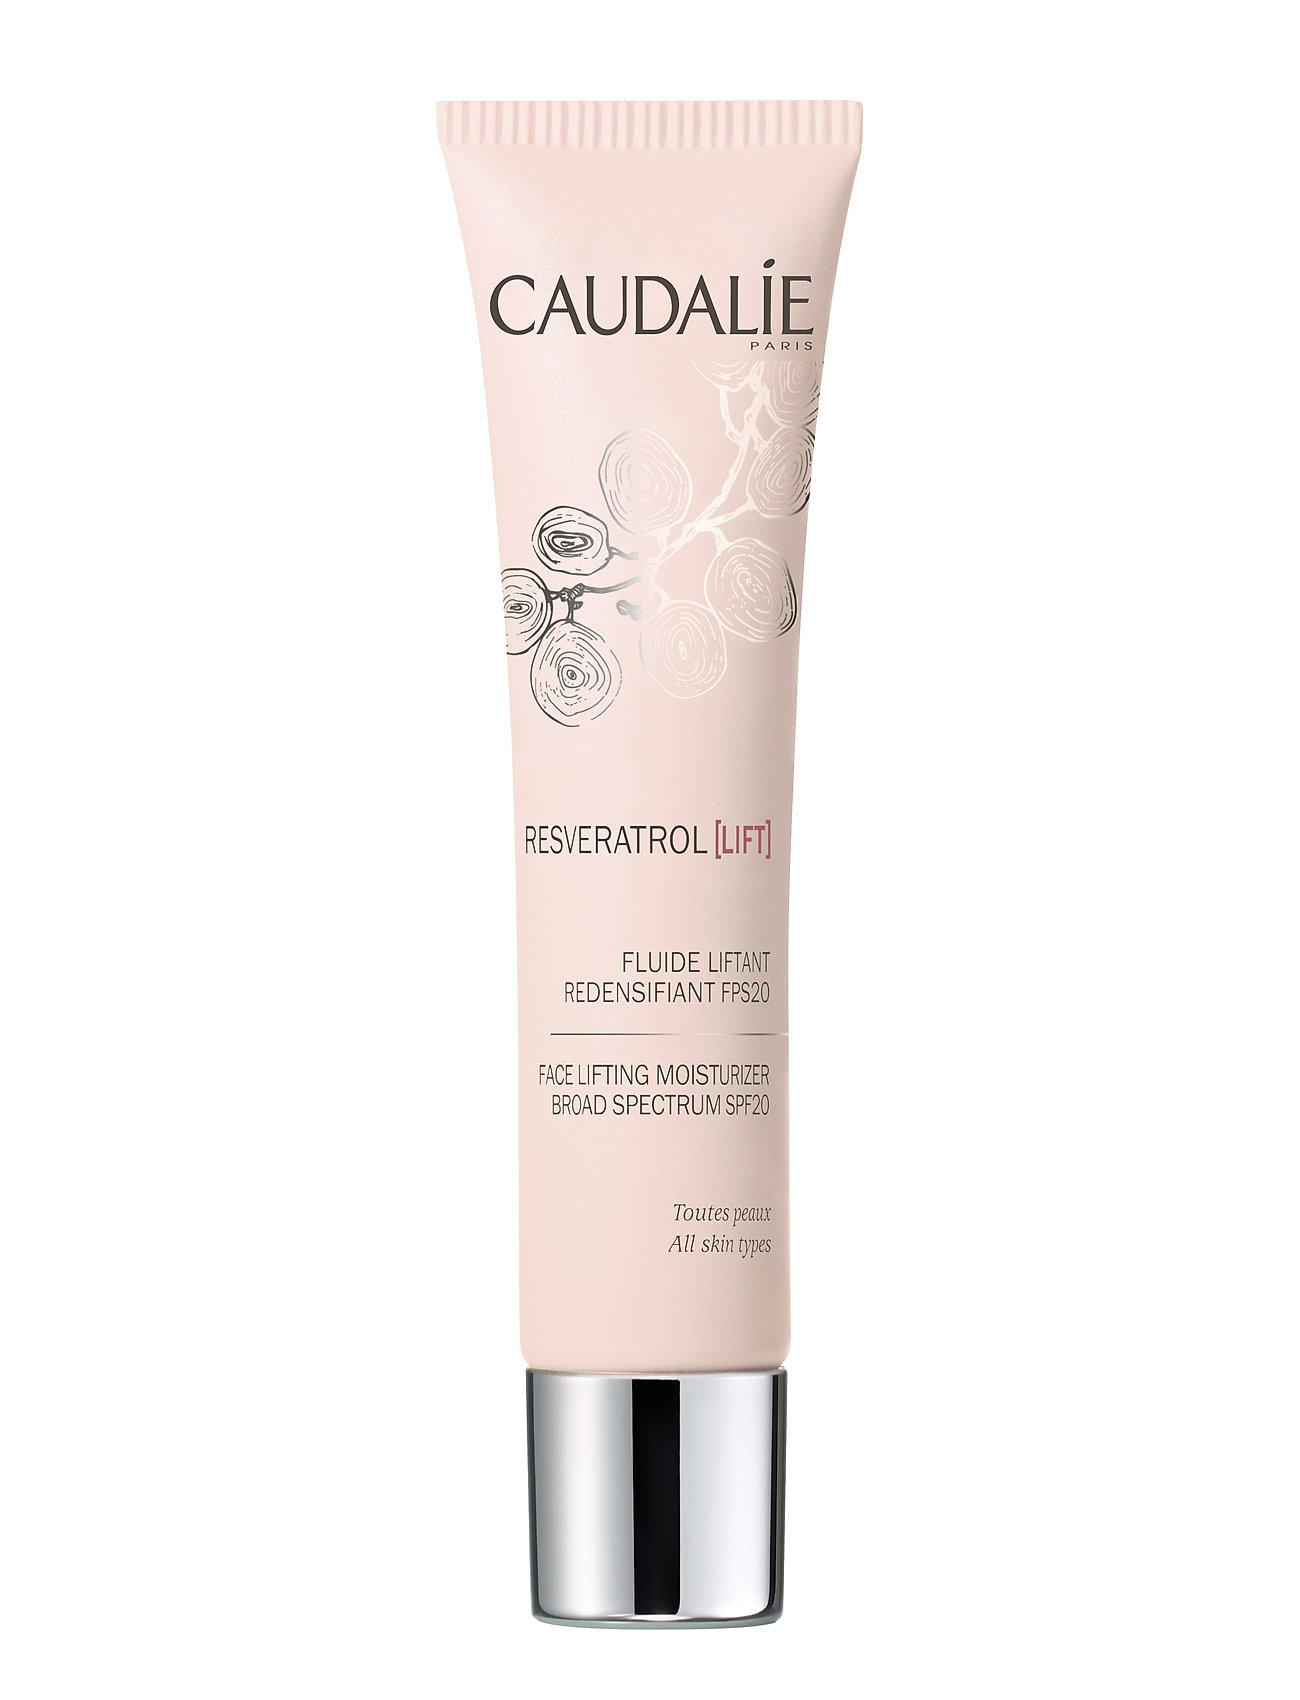 CAUDALIE Resvératrol Face Lifting Moisturizer - CLEAR